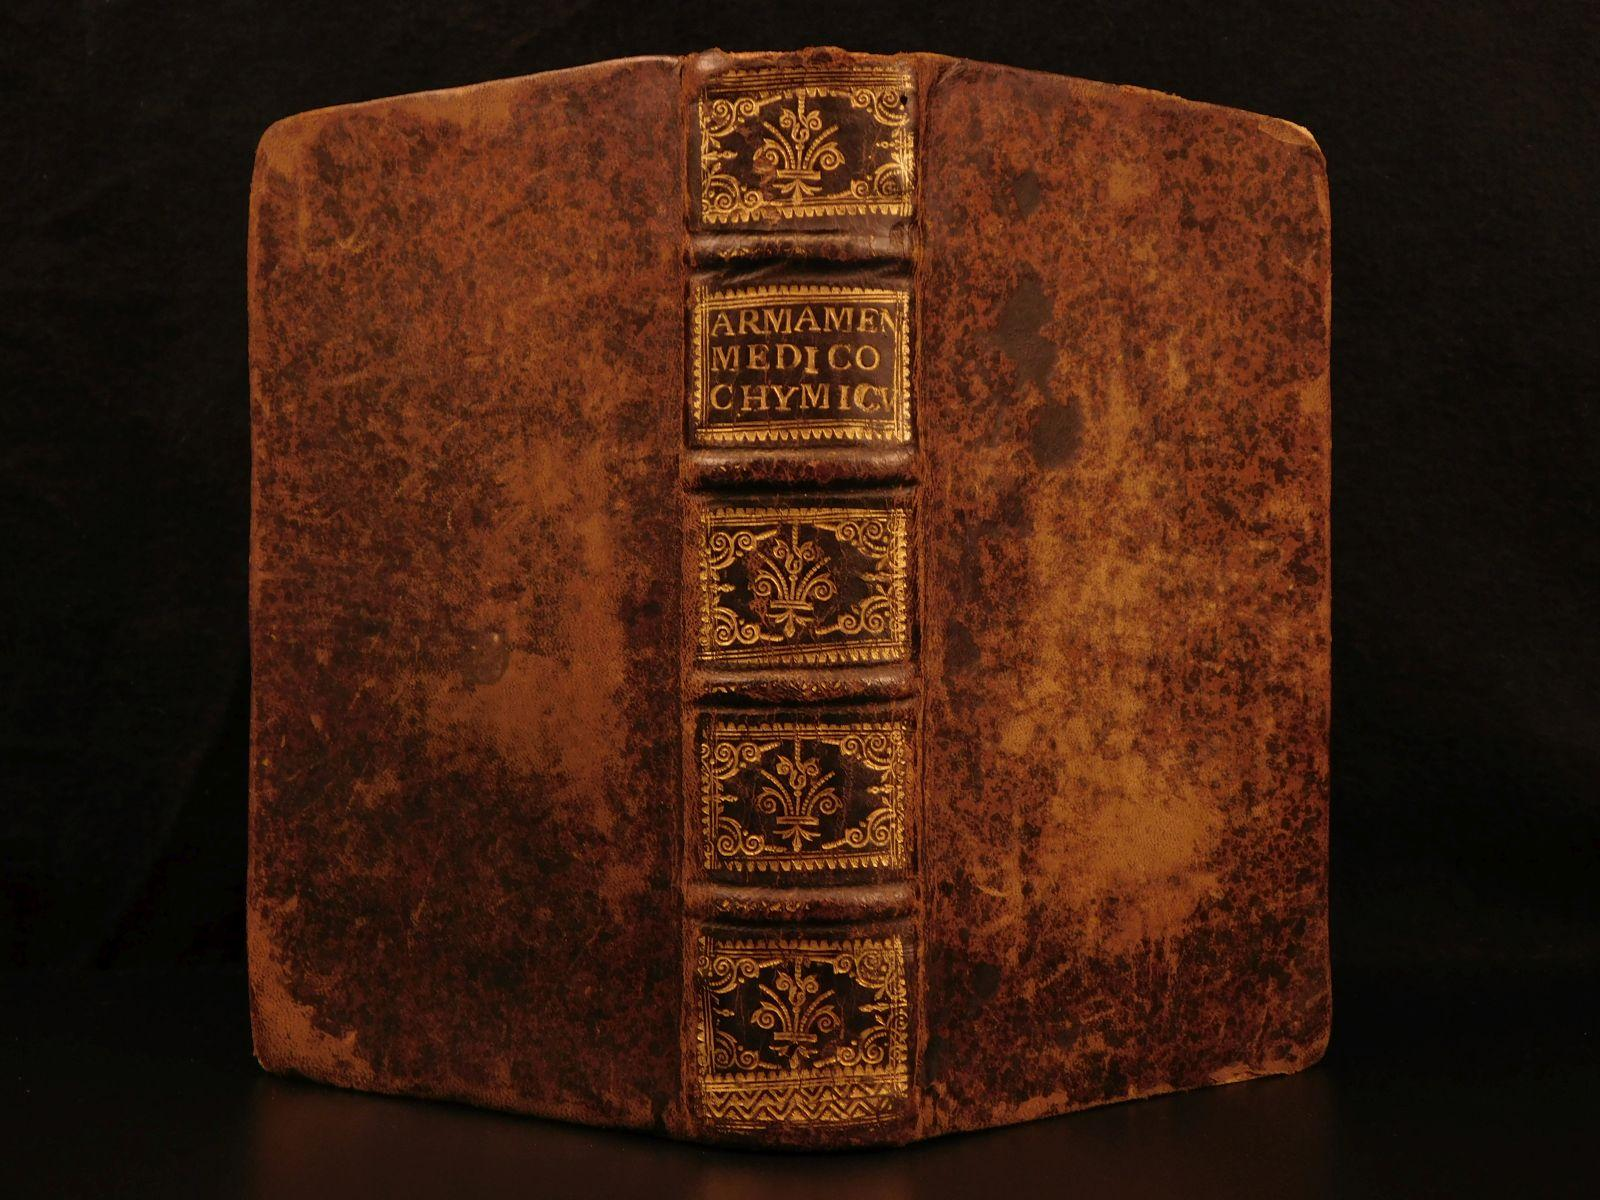 viaLibri ~ 1670 Mynsicht Alchemy Philosopher's Stone Occult